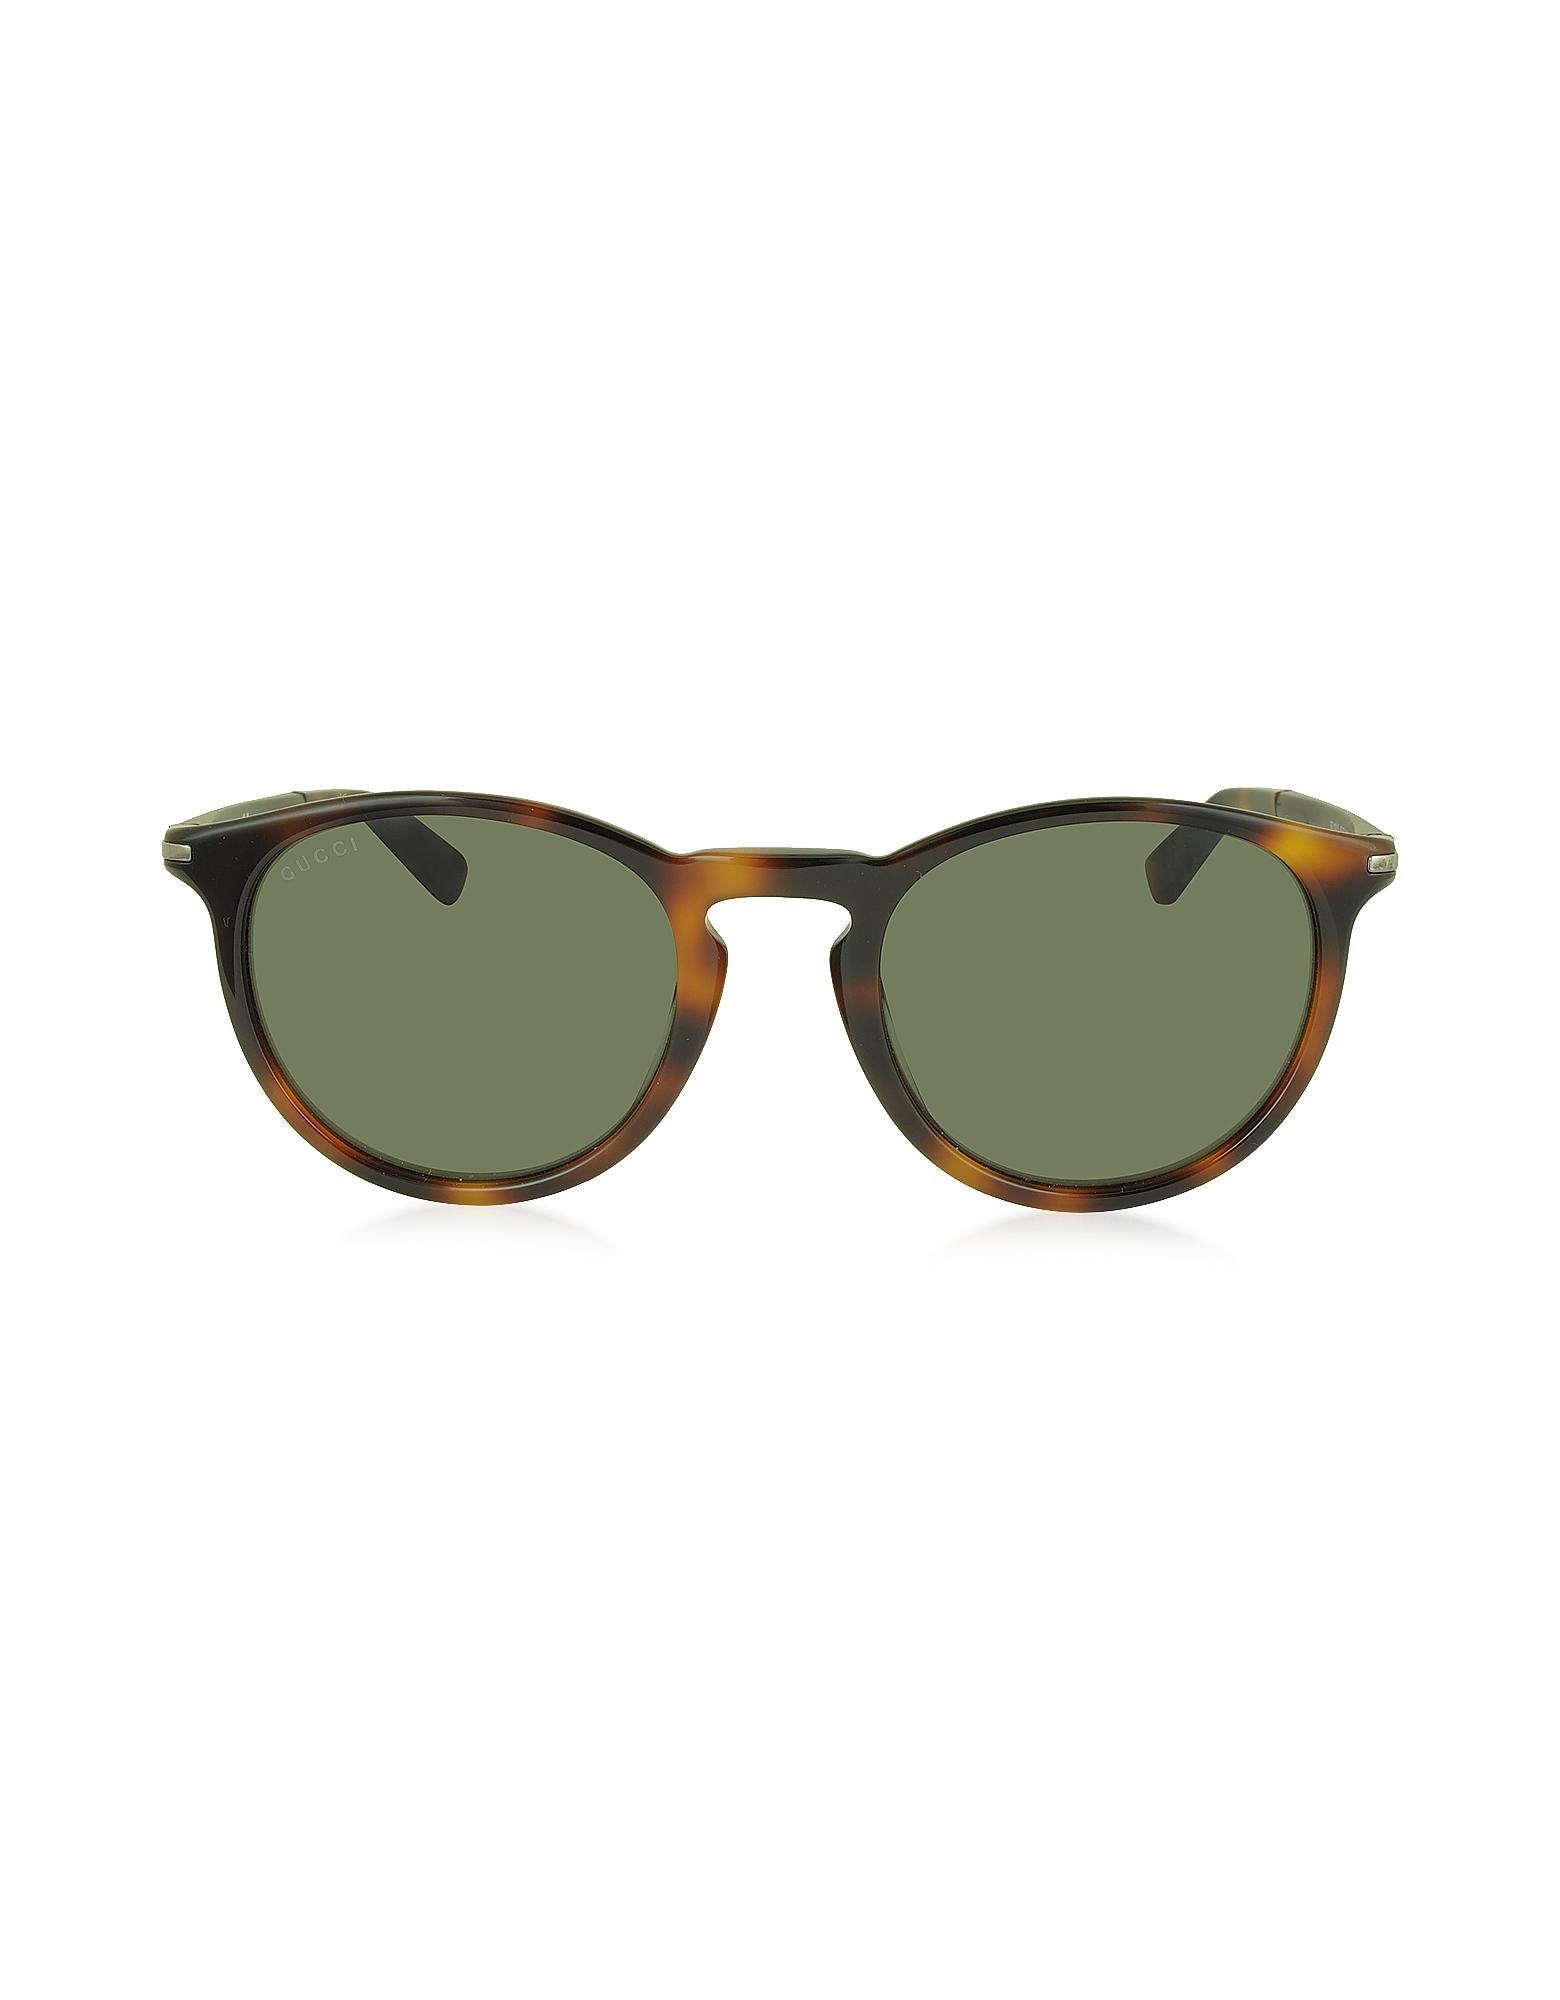 GG 1110/S 8E270 - Мужские Солнечные Очки в Круглой Оправе из Ацетата Гавана